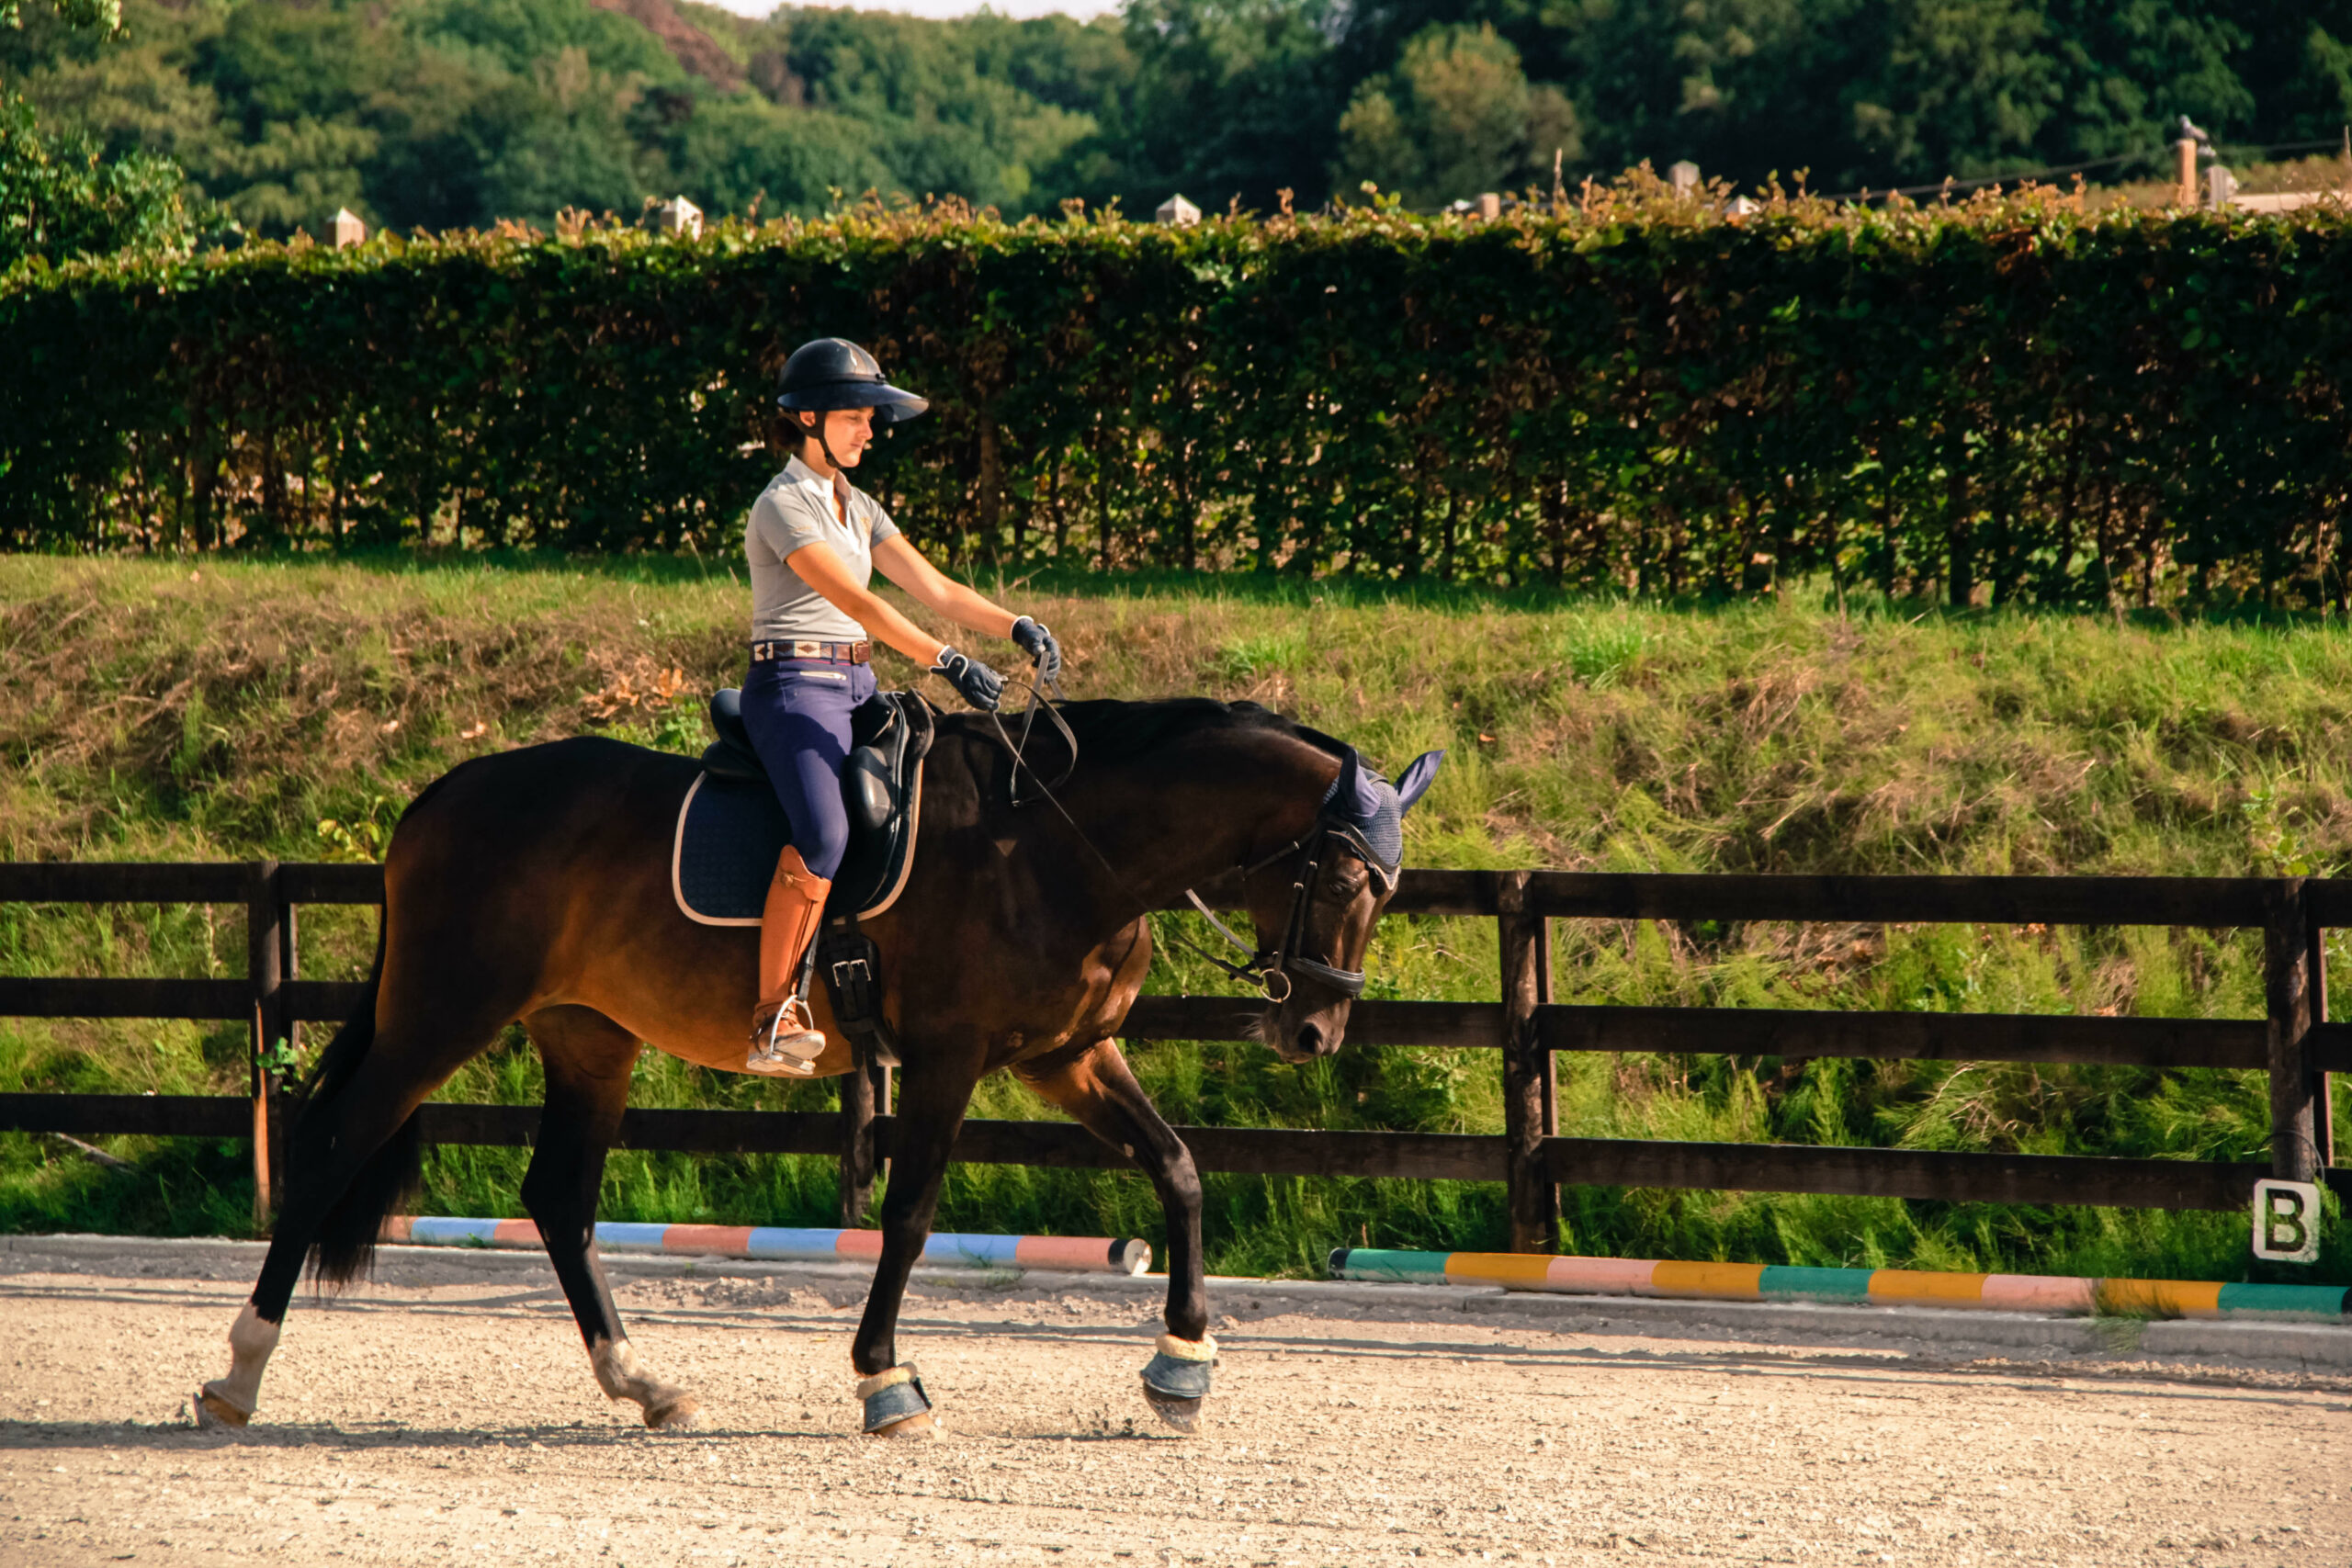 ... sans que cela ne change l'attitude ou la direction de votre cheval ! (images @D'un Cheval l'Autre)